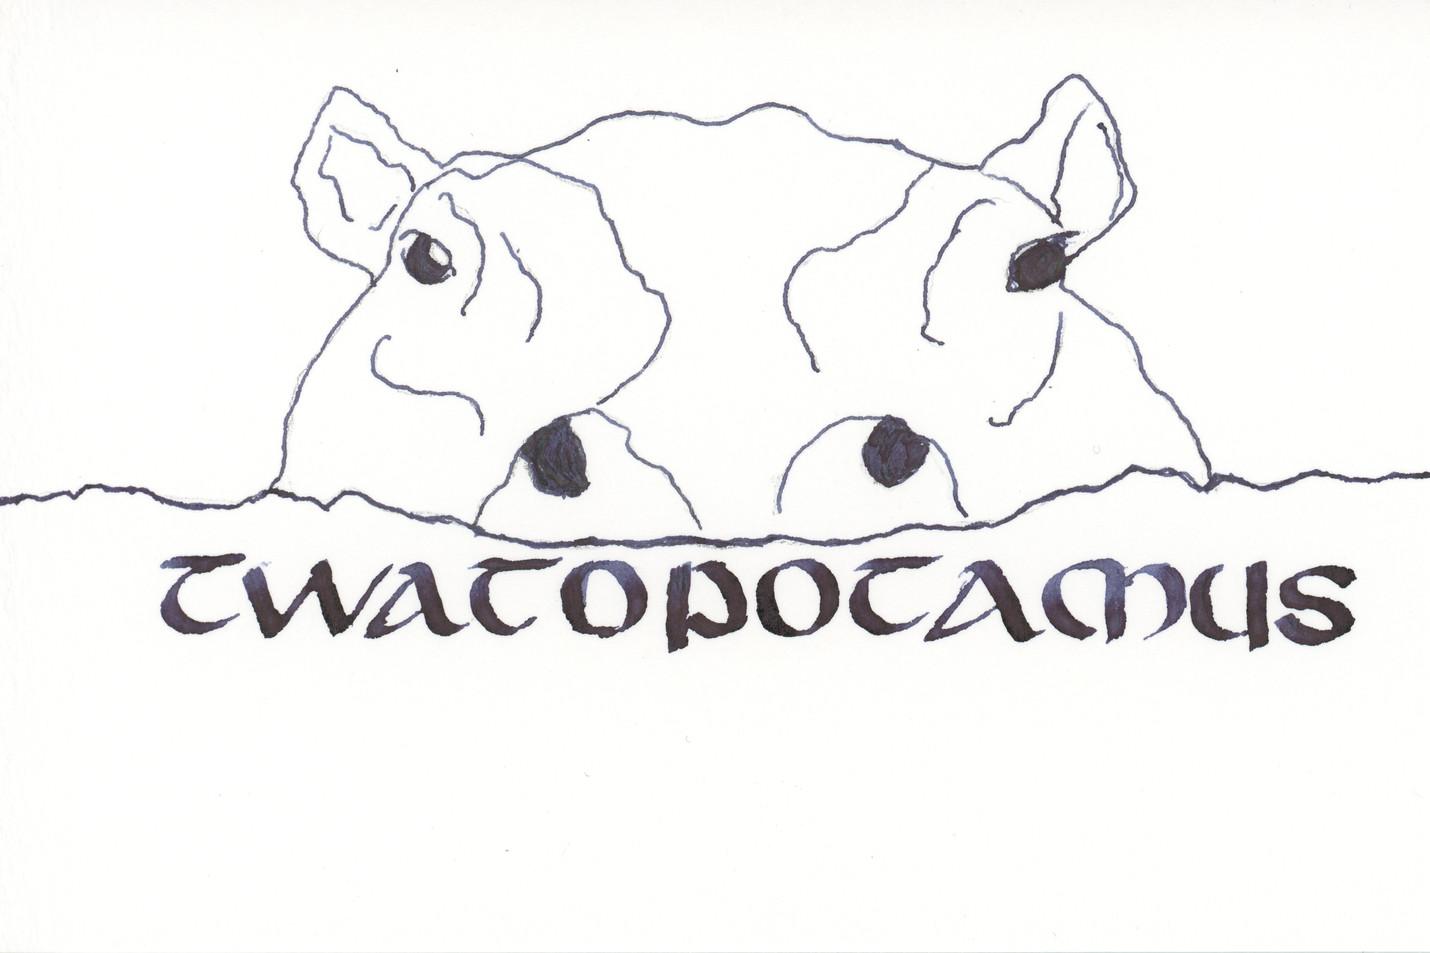 Twatopotamus